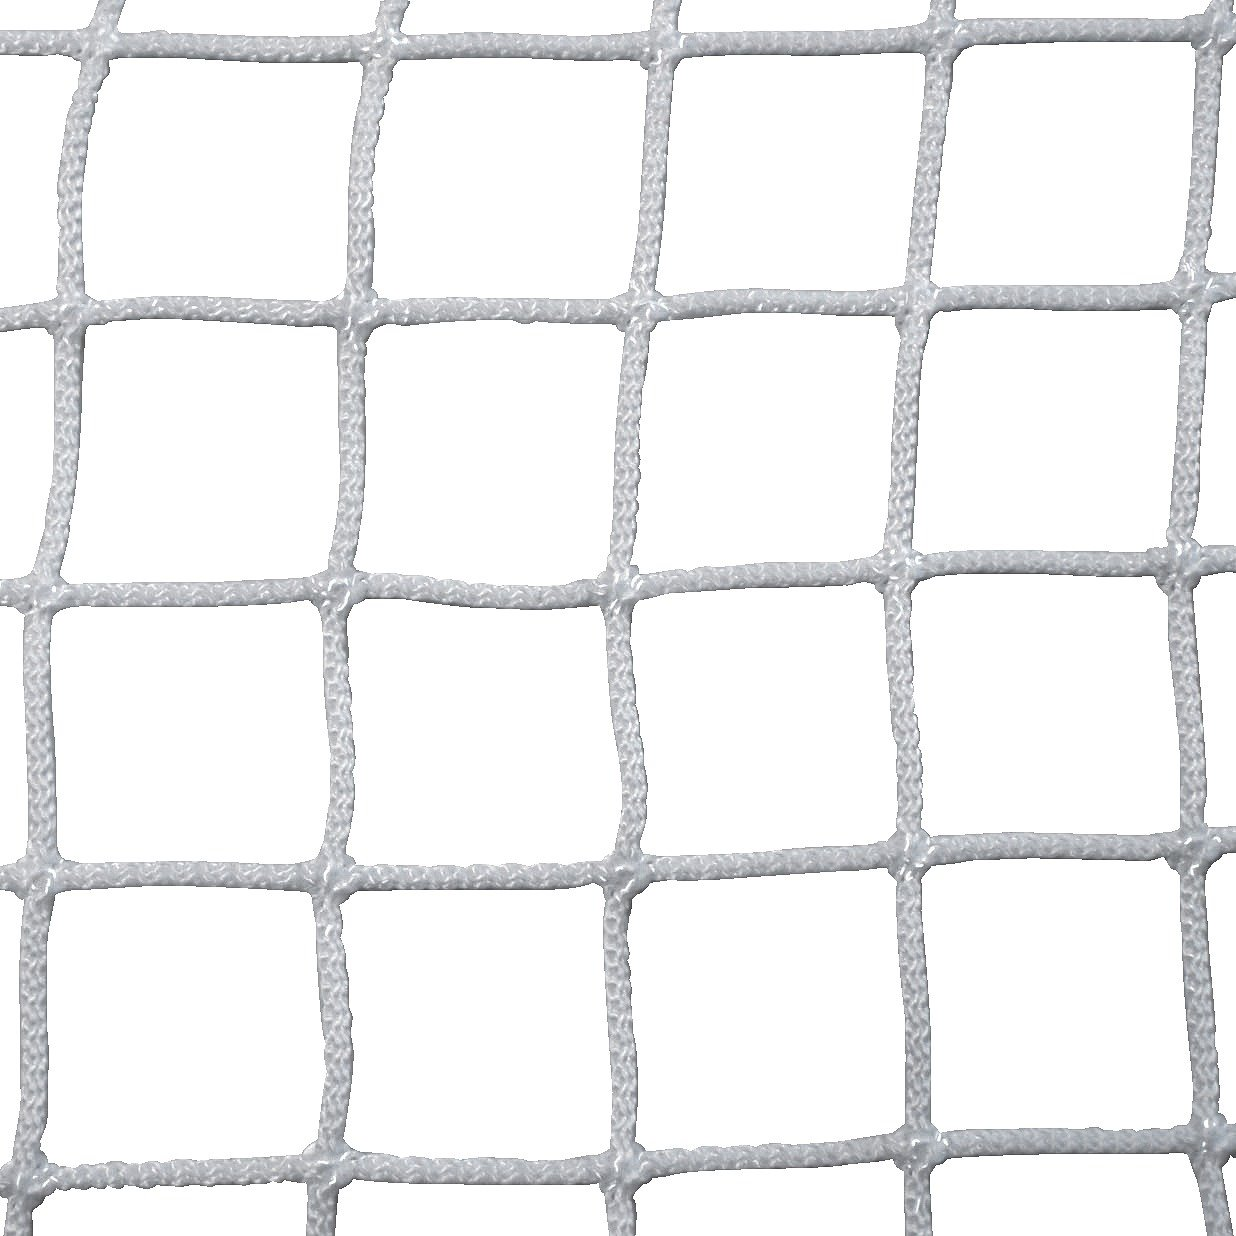 Sport-Thieme Knotenlose Herrenfußball-Tornetze mit enger Maschenweite